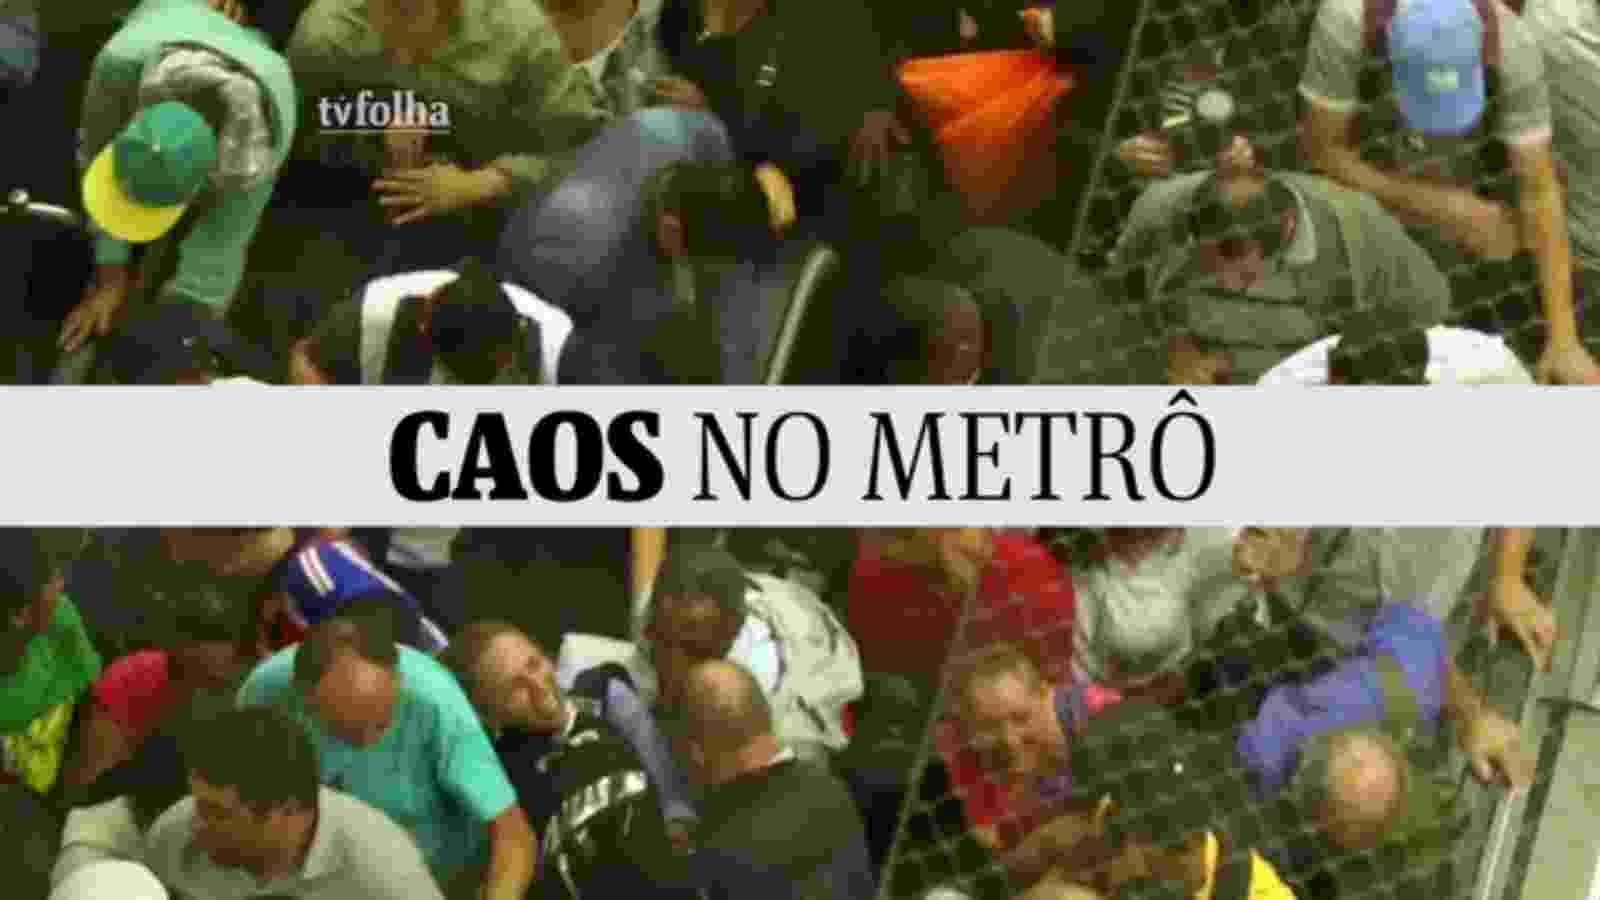 Em dia de greve dos rodoviários em São Paulo, estações do metrô ficaram lotadas, obrigado usuários a se apertarem para conseguir chegar aos trens na volta para casa - undefined